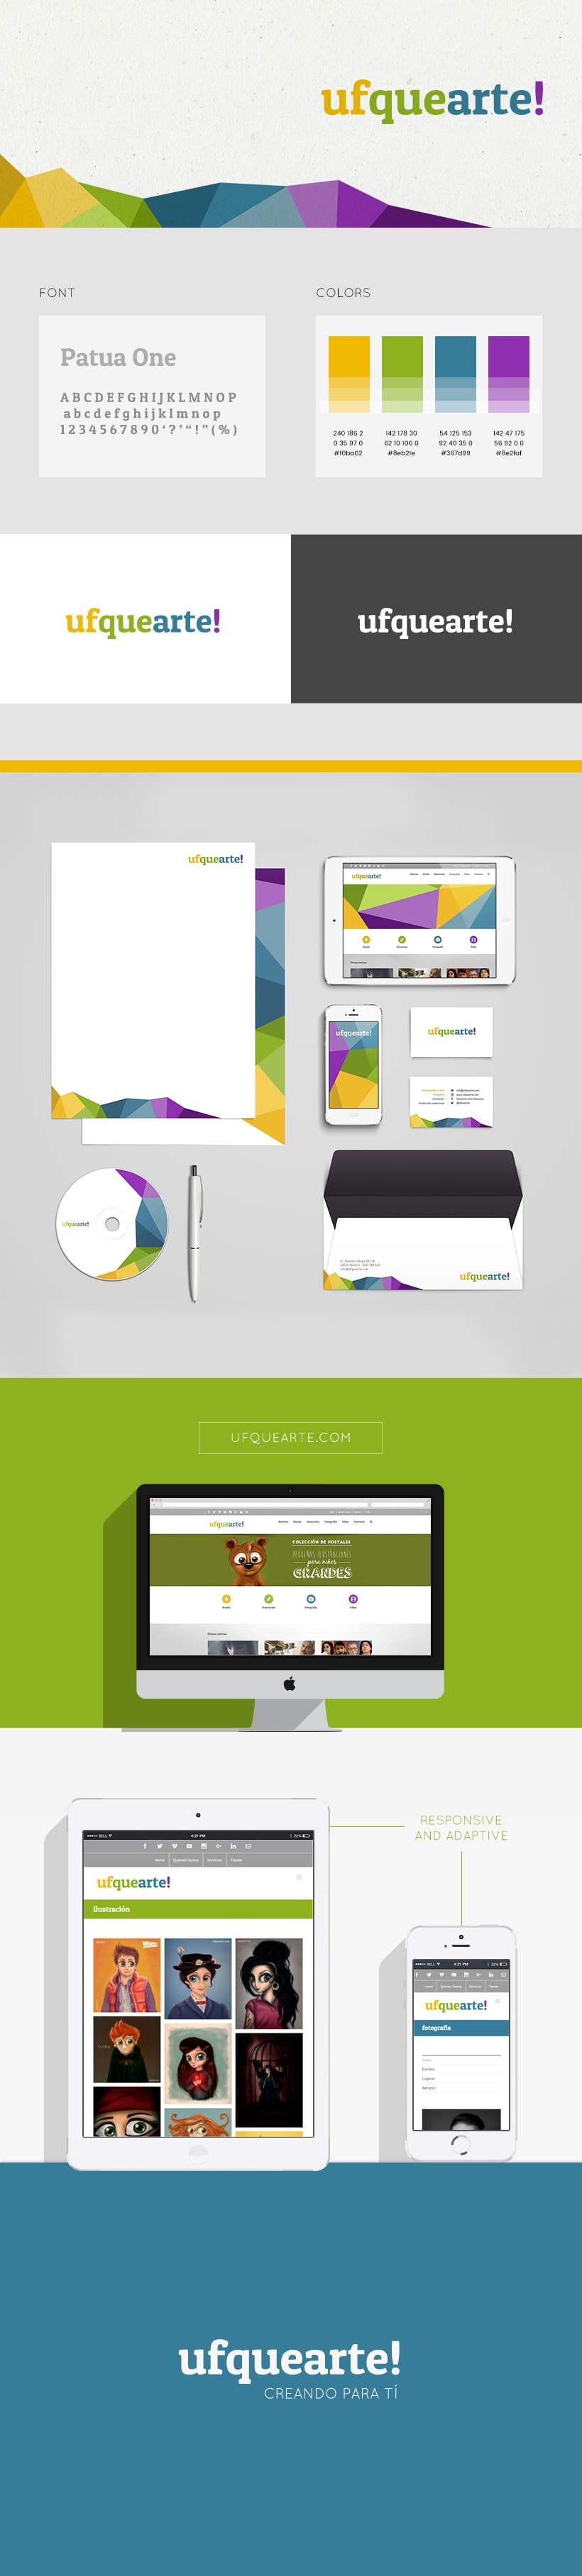 Ufquearte! - Diseño corporativo y web 1